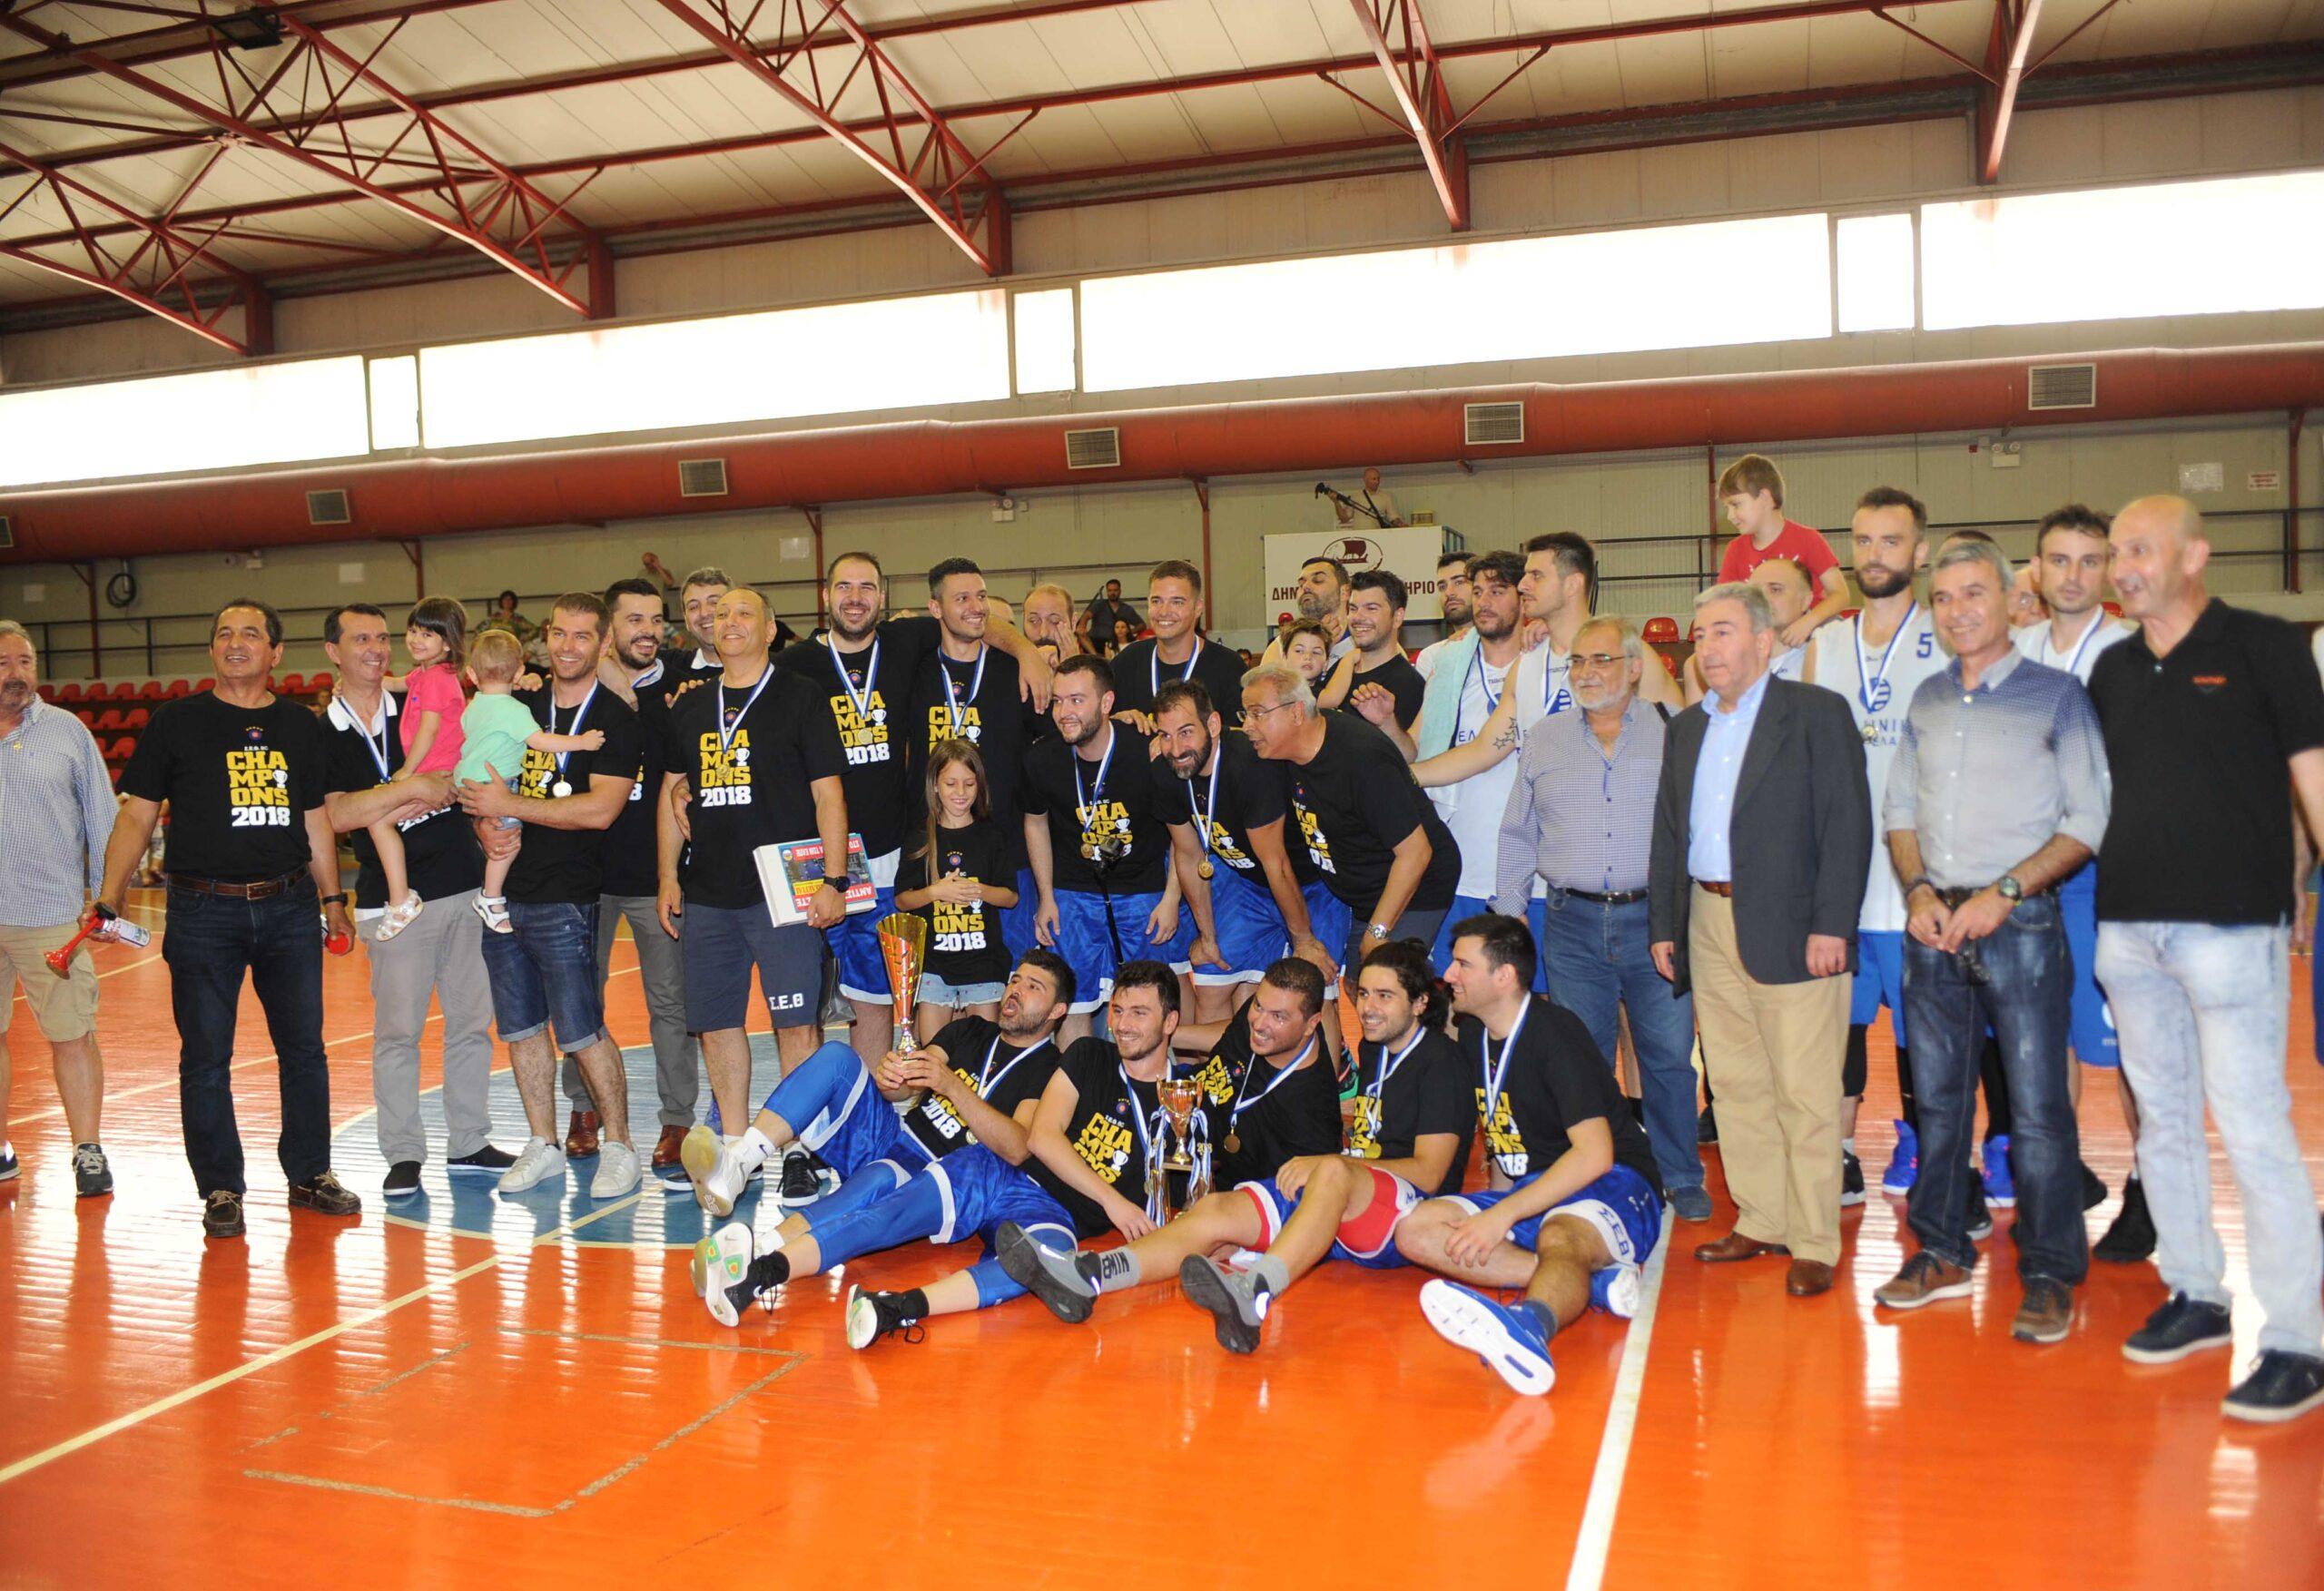 Τελικός κυπέλλου, τελετή λήξης και απονομές αγωνιστικής  περιόδου 2017-2018  των πρωταθλημάτων εργαζομένων που διοργανώνει ο Τομέας Αθλητισμού του ΕΚΘ